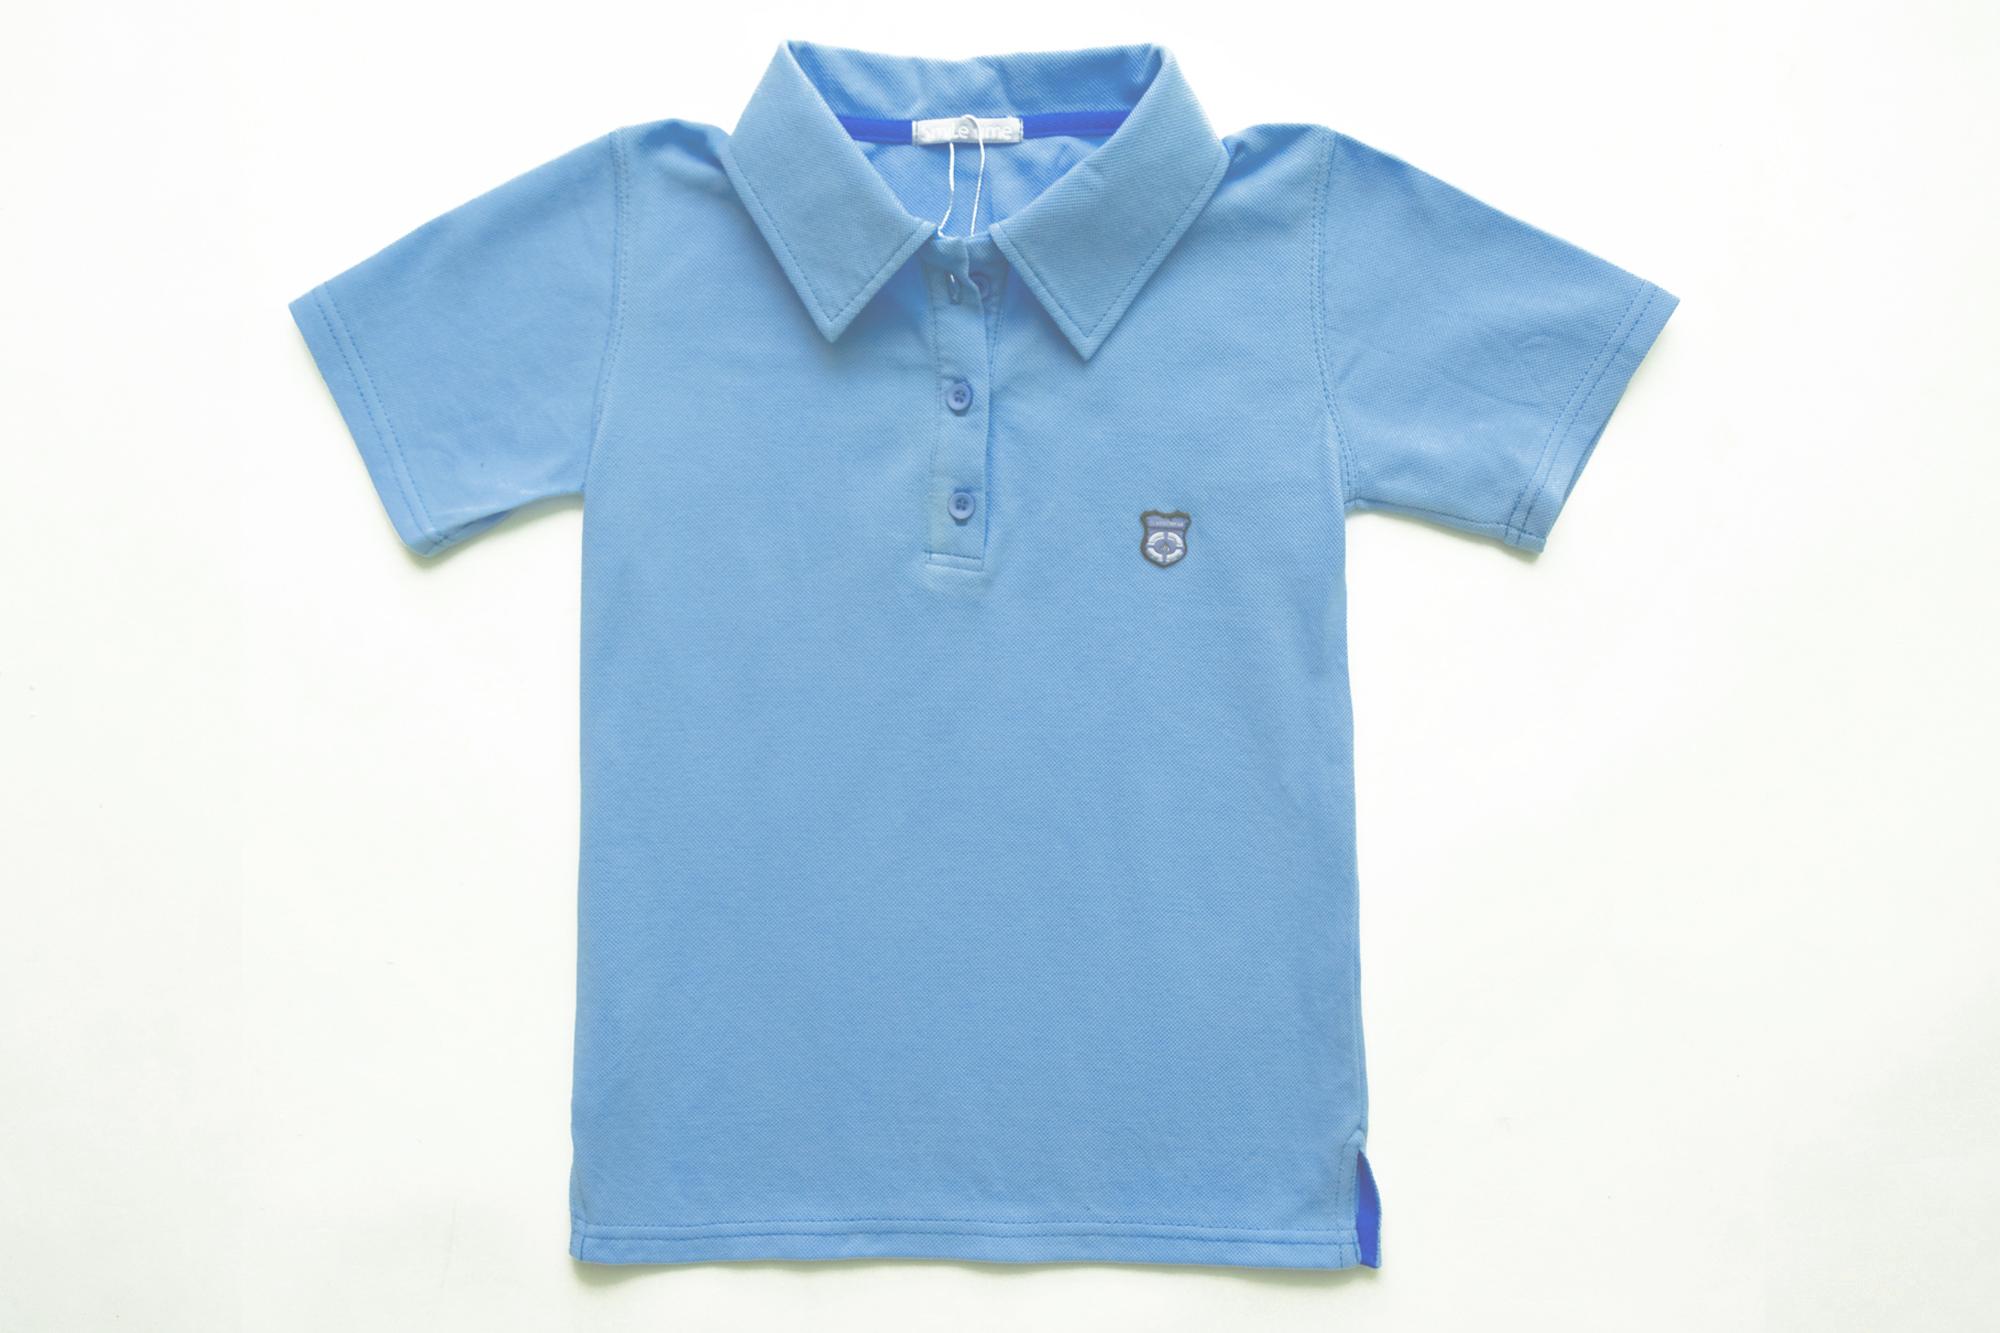 Футболка-поло SmileTme детская для мальчика Polo, голубая